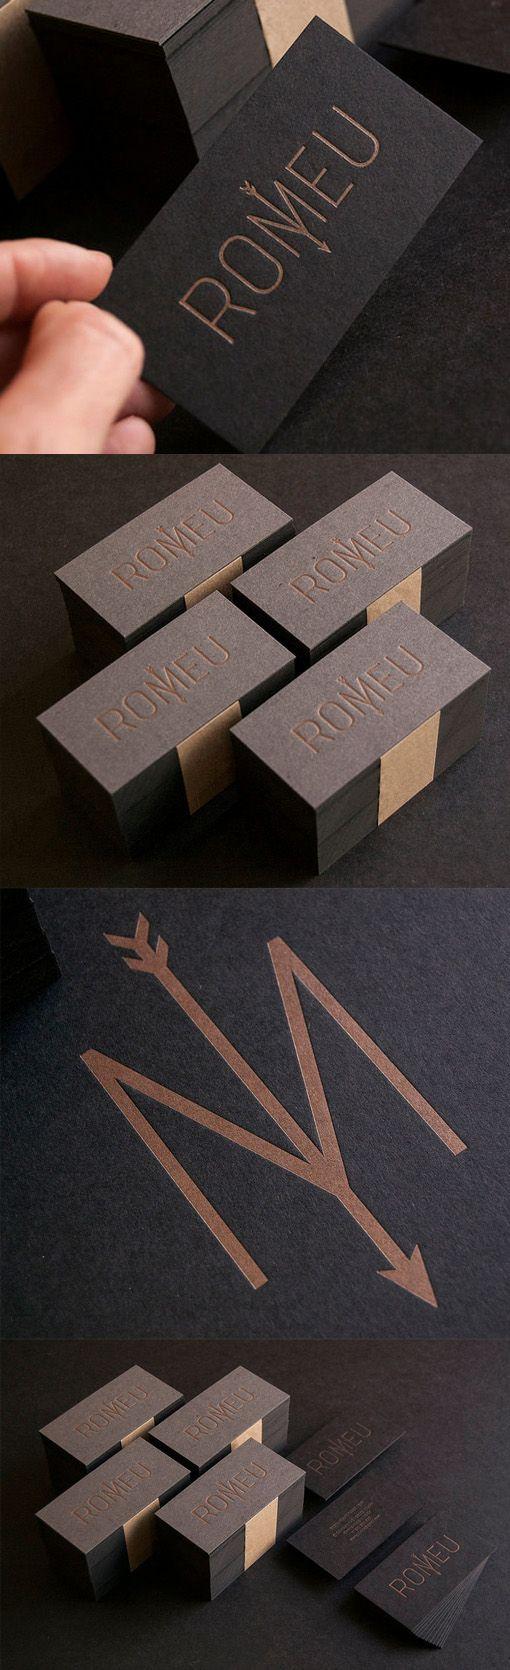 Sleek Black And Copper Ink Letterpress Business Card Design